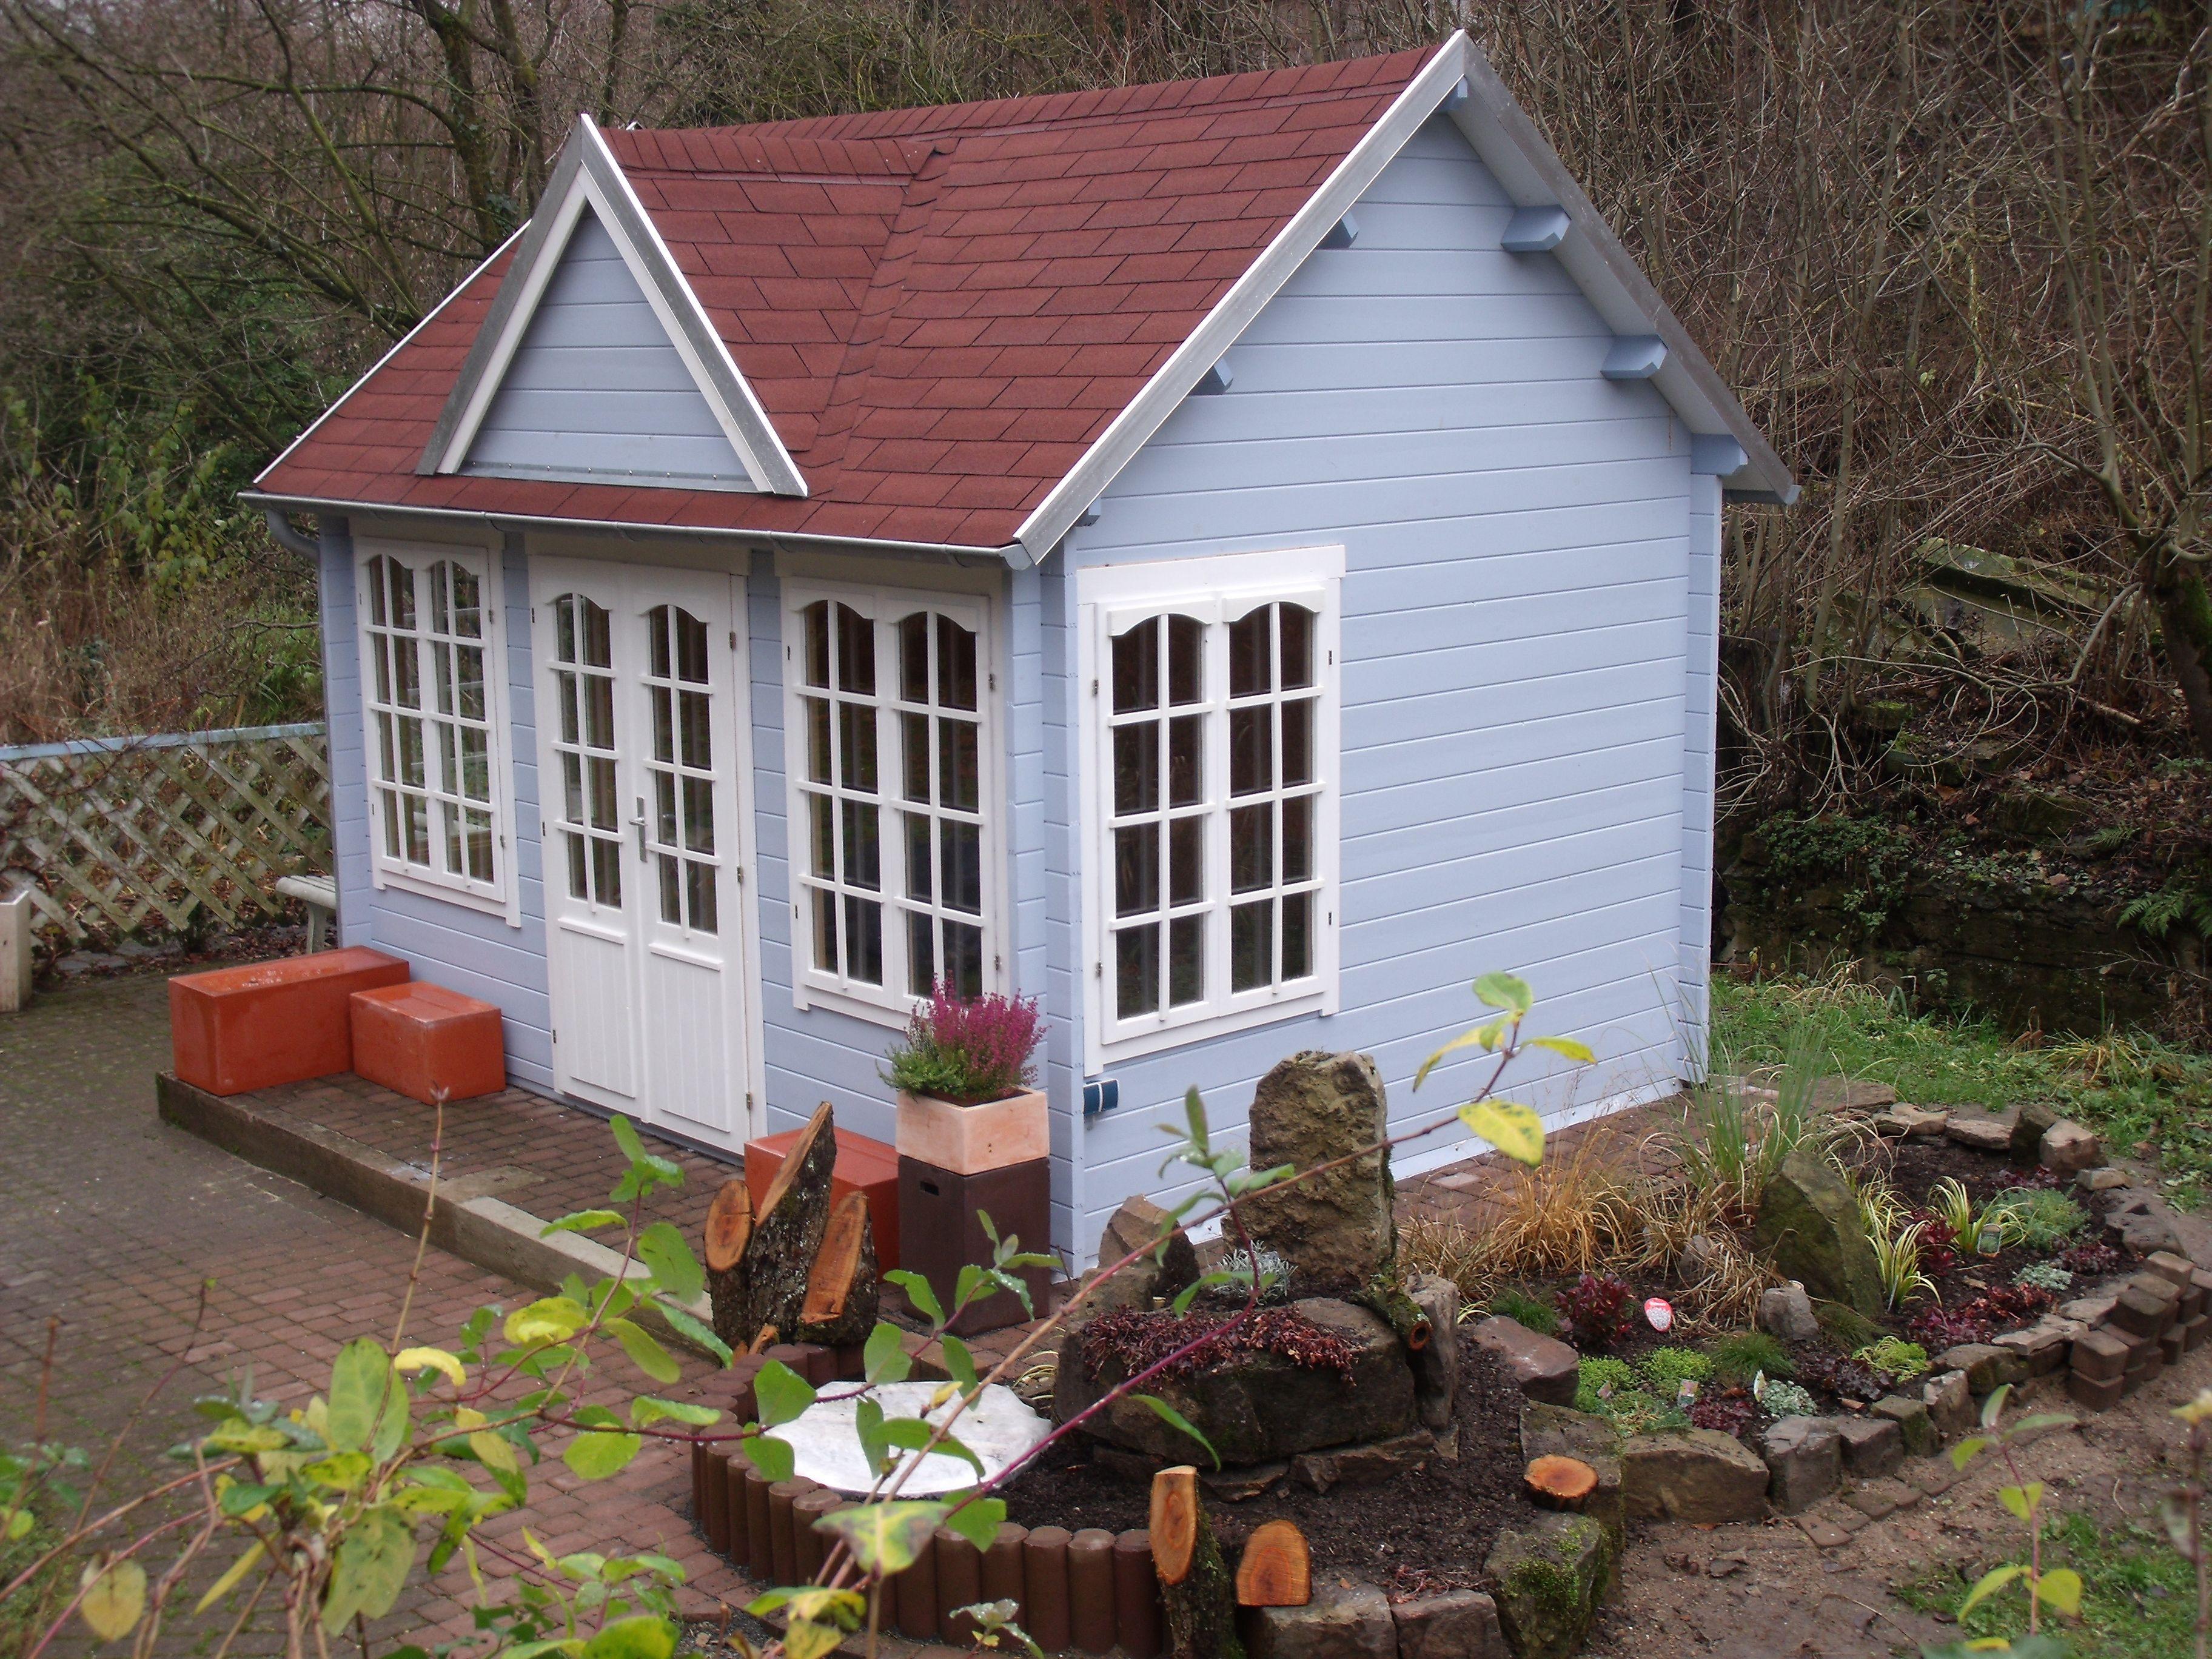 Clockhouse gartenhaus mit rotbraunem dach und hellgrauen - Gartenhaus clockhouse ...